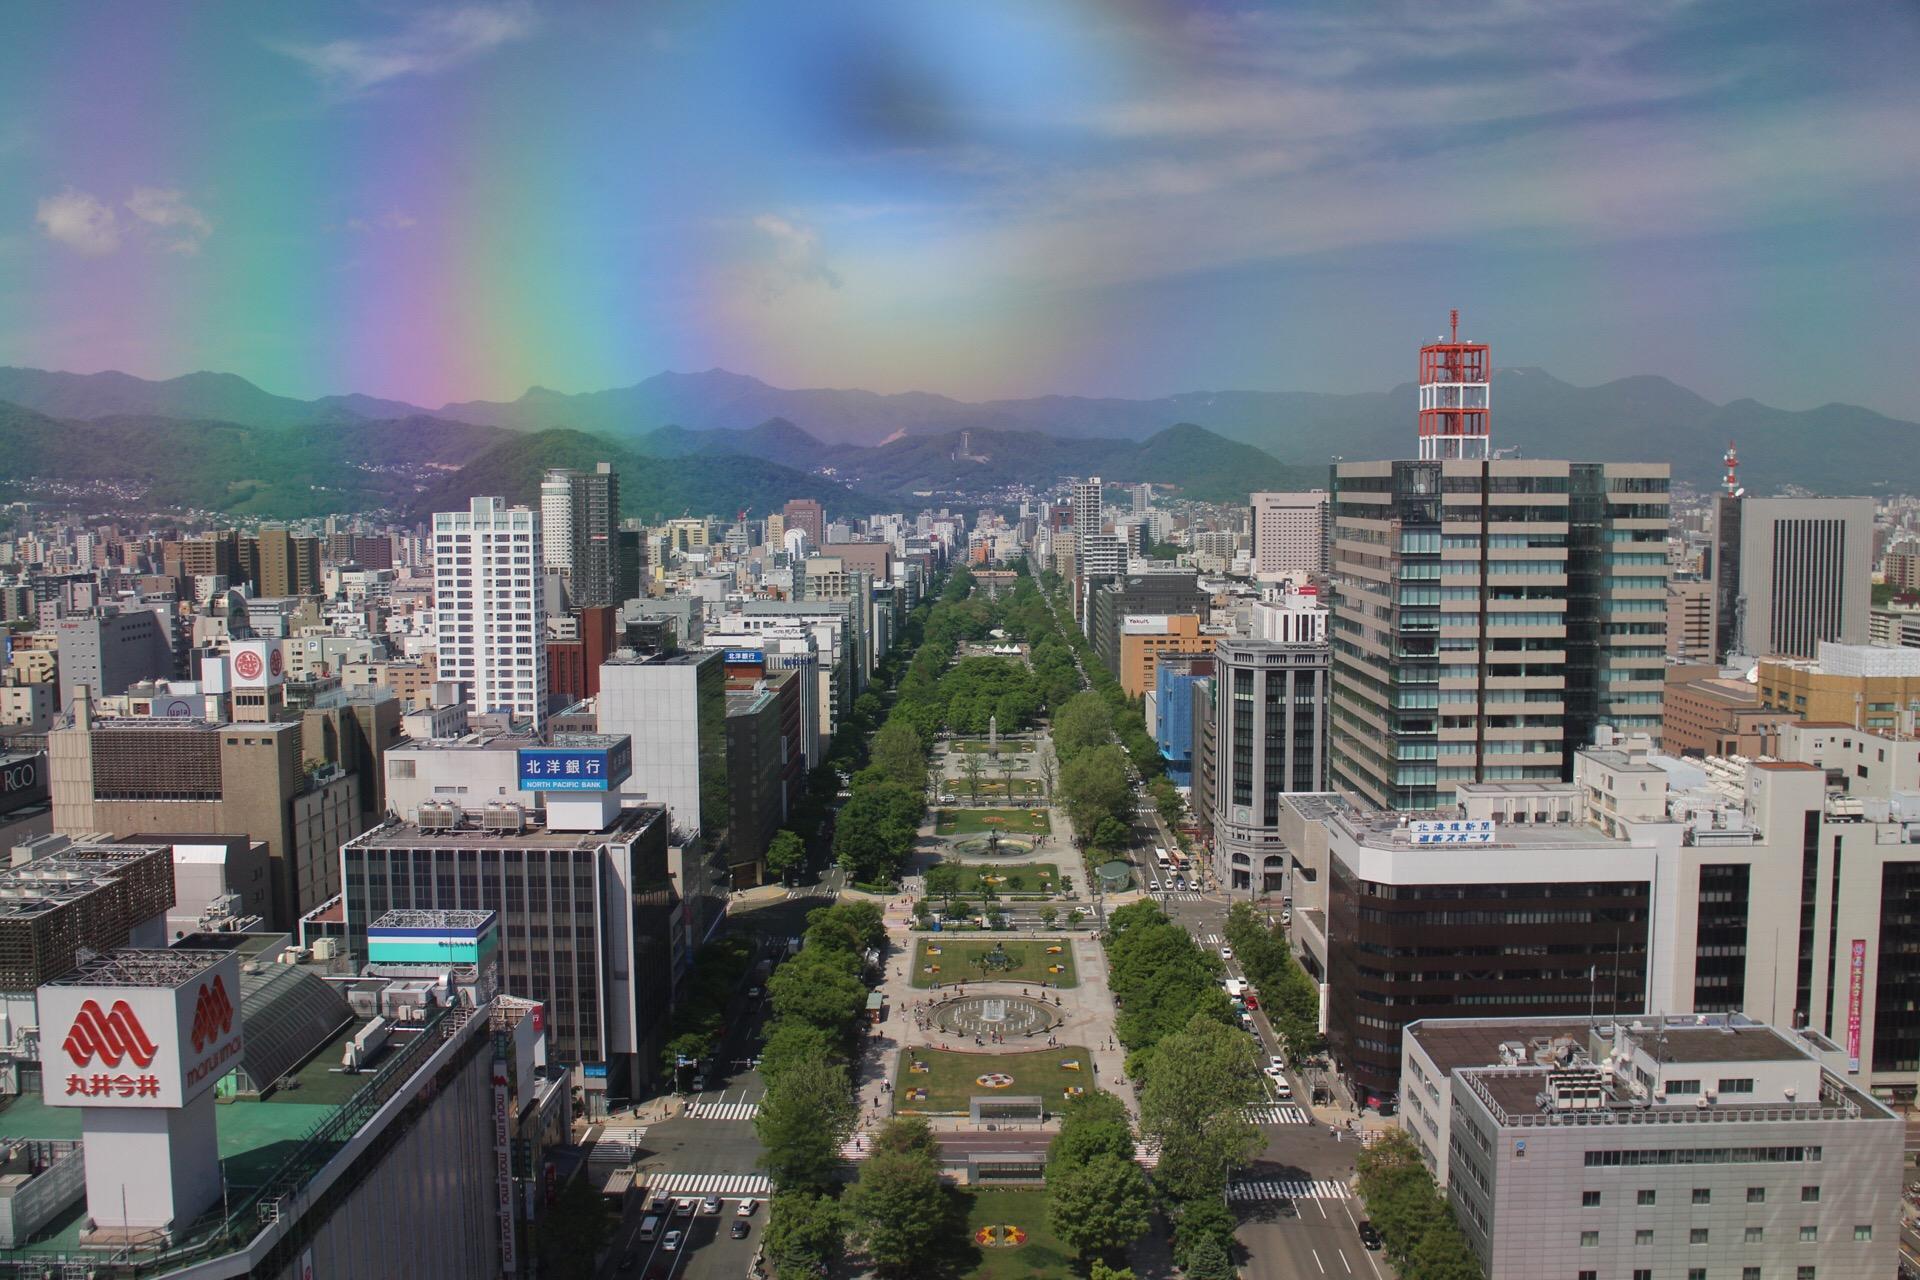 札幌市街地は地下通路を利用すると便利!ちょっと座れる休憩スペースも充実